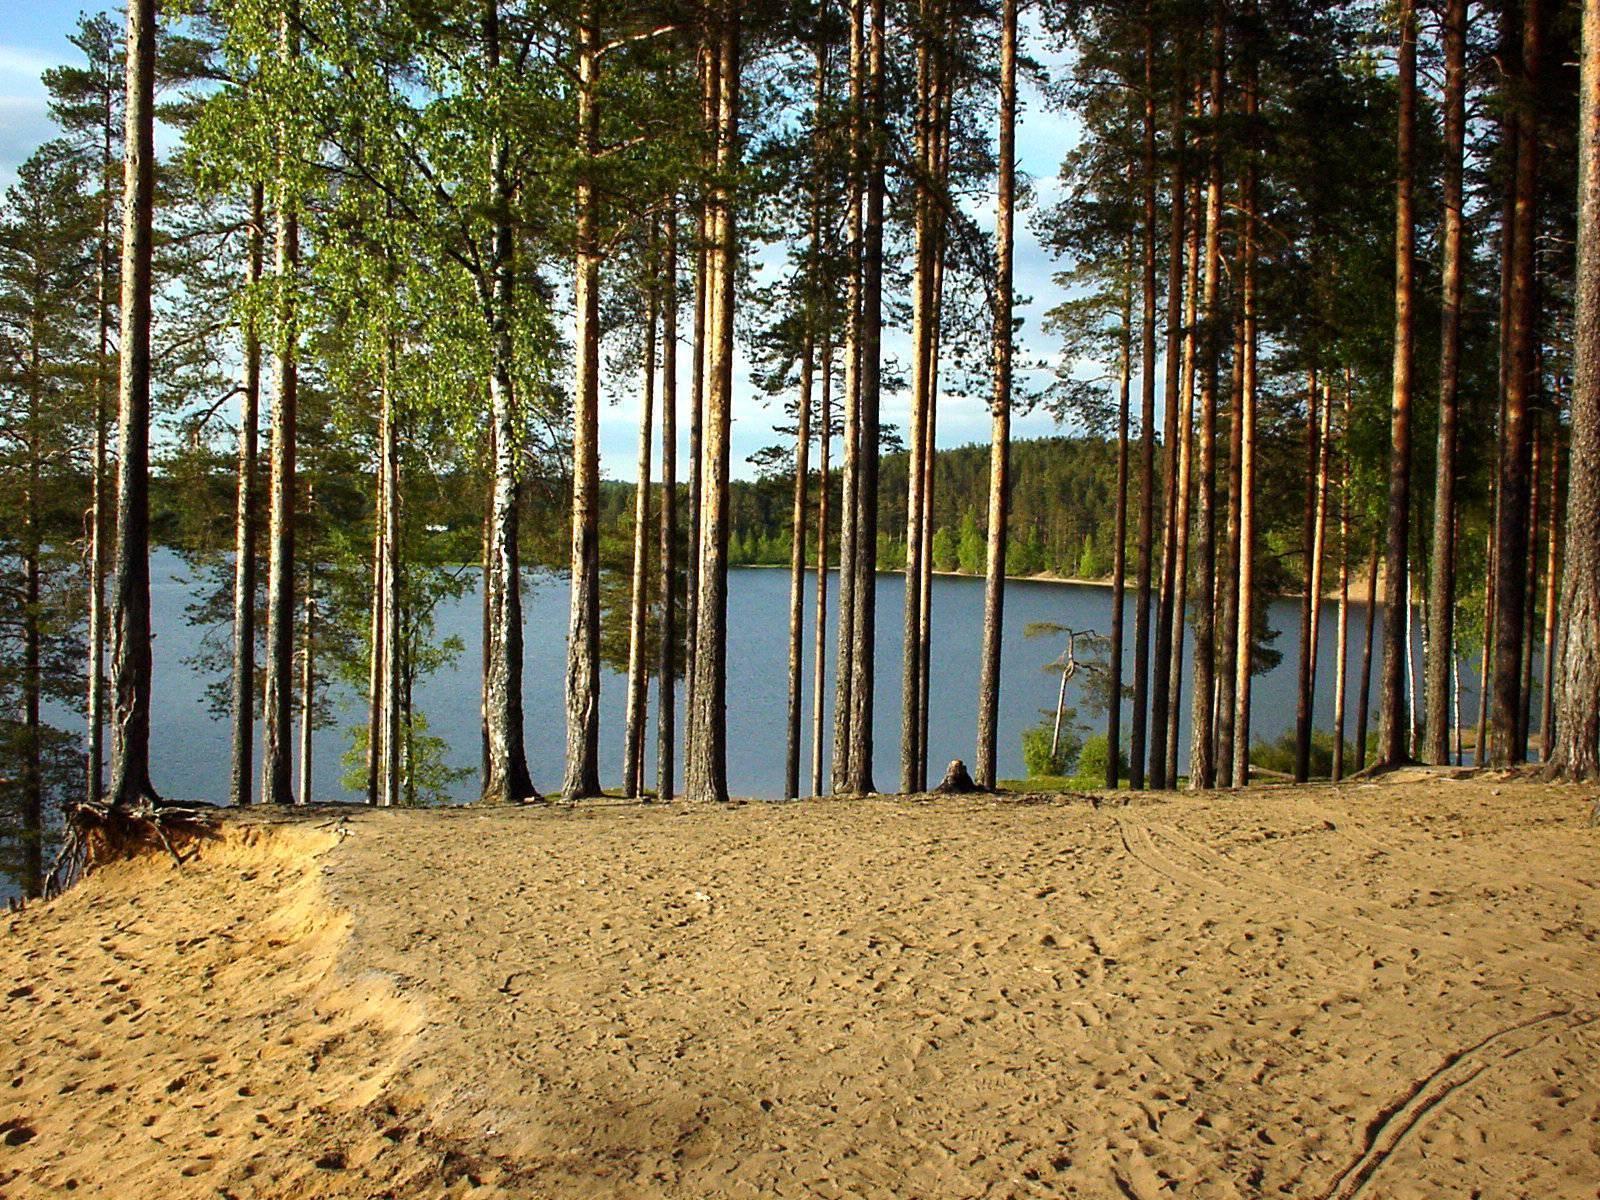 Зеркальное озеро в ленинградской области — рыбалка, базы отдыха, погода, отзывы, как добраться, фото